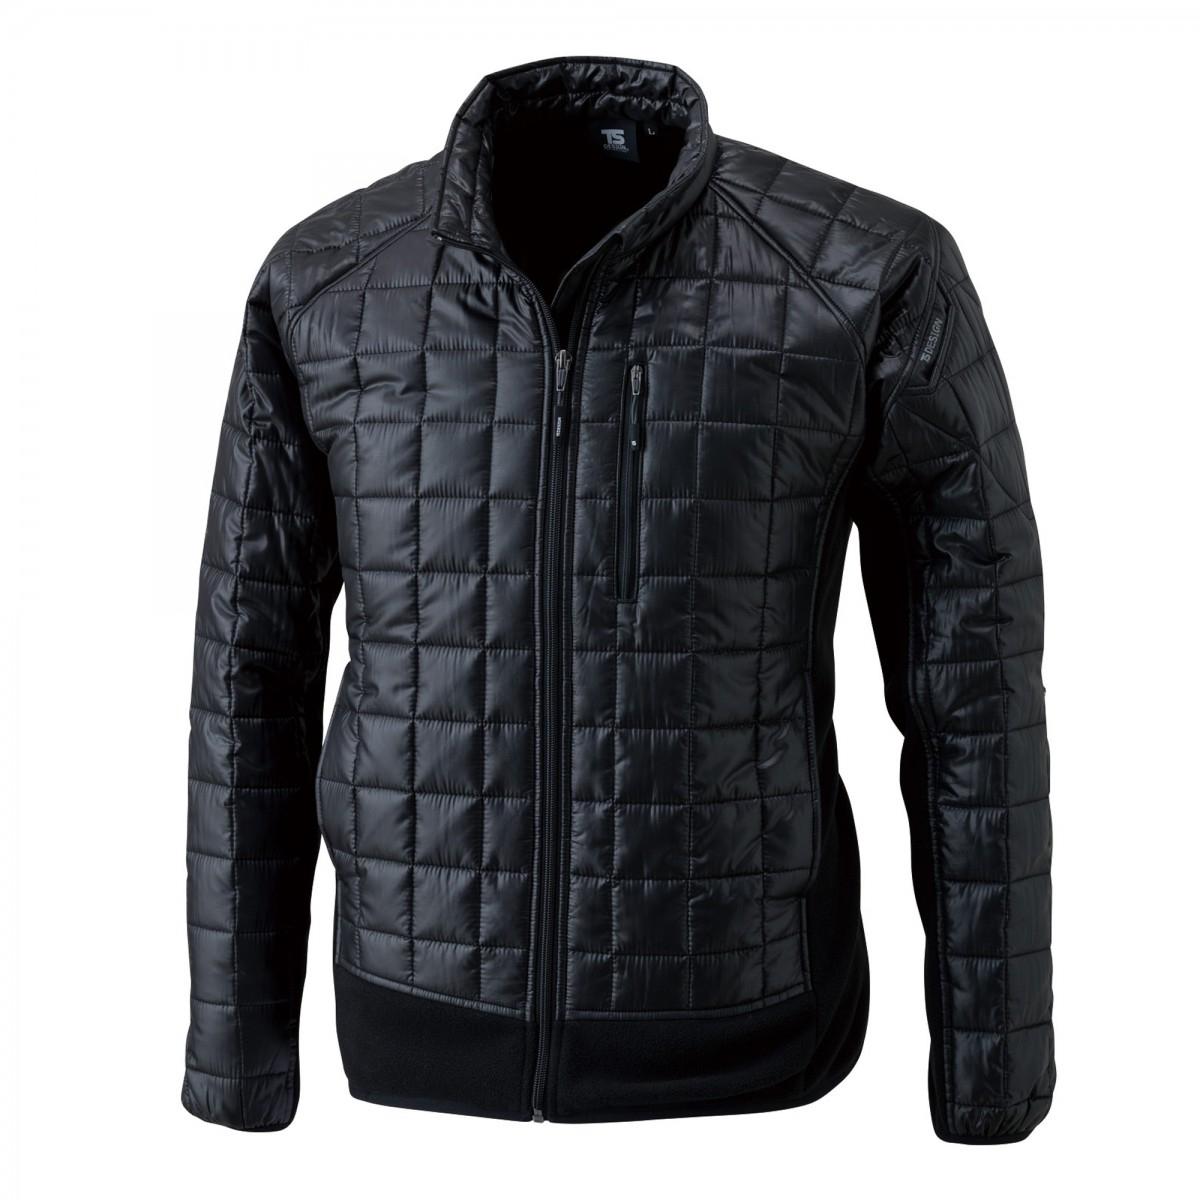 TS DESIGN  4226 マイクロリップロングスリーブジャケット  95  ブラック